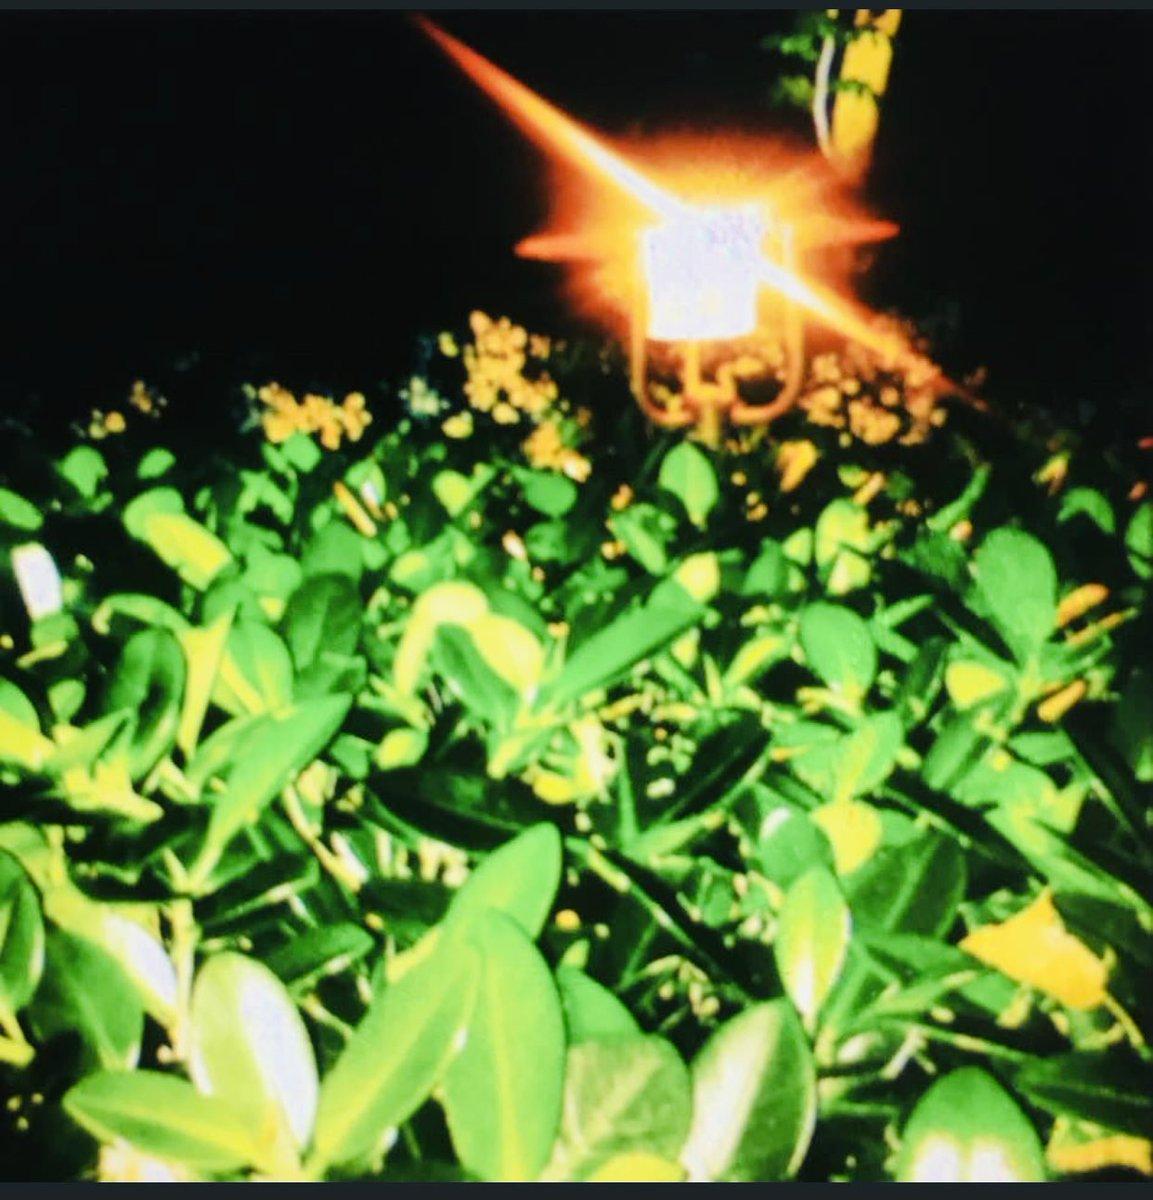 """#BoaNoite/#FelizAmanhã  """"Não digas onde acaba o dia. Onde começa a noite. Não fales palavras vãs. As palavras do mundo."""" (Cecília Meireles) #noite #night #diafeliz #happyday #luz #light #gratidão #gratitude #jardim #garden #saudade #missing  #goodnight #happytomorrow #foto #photo"""